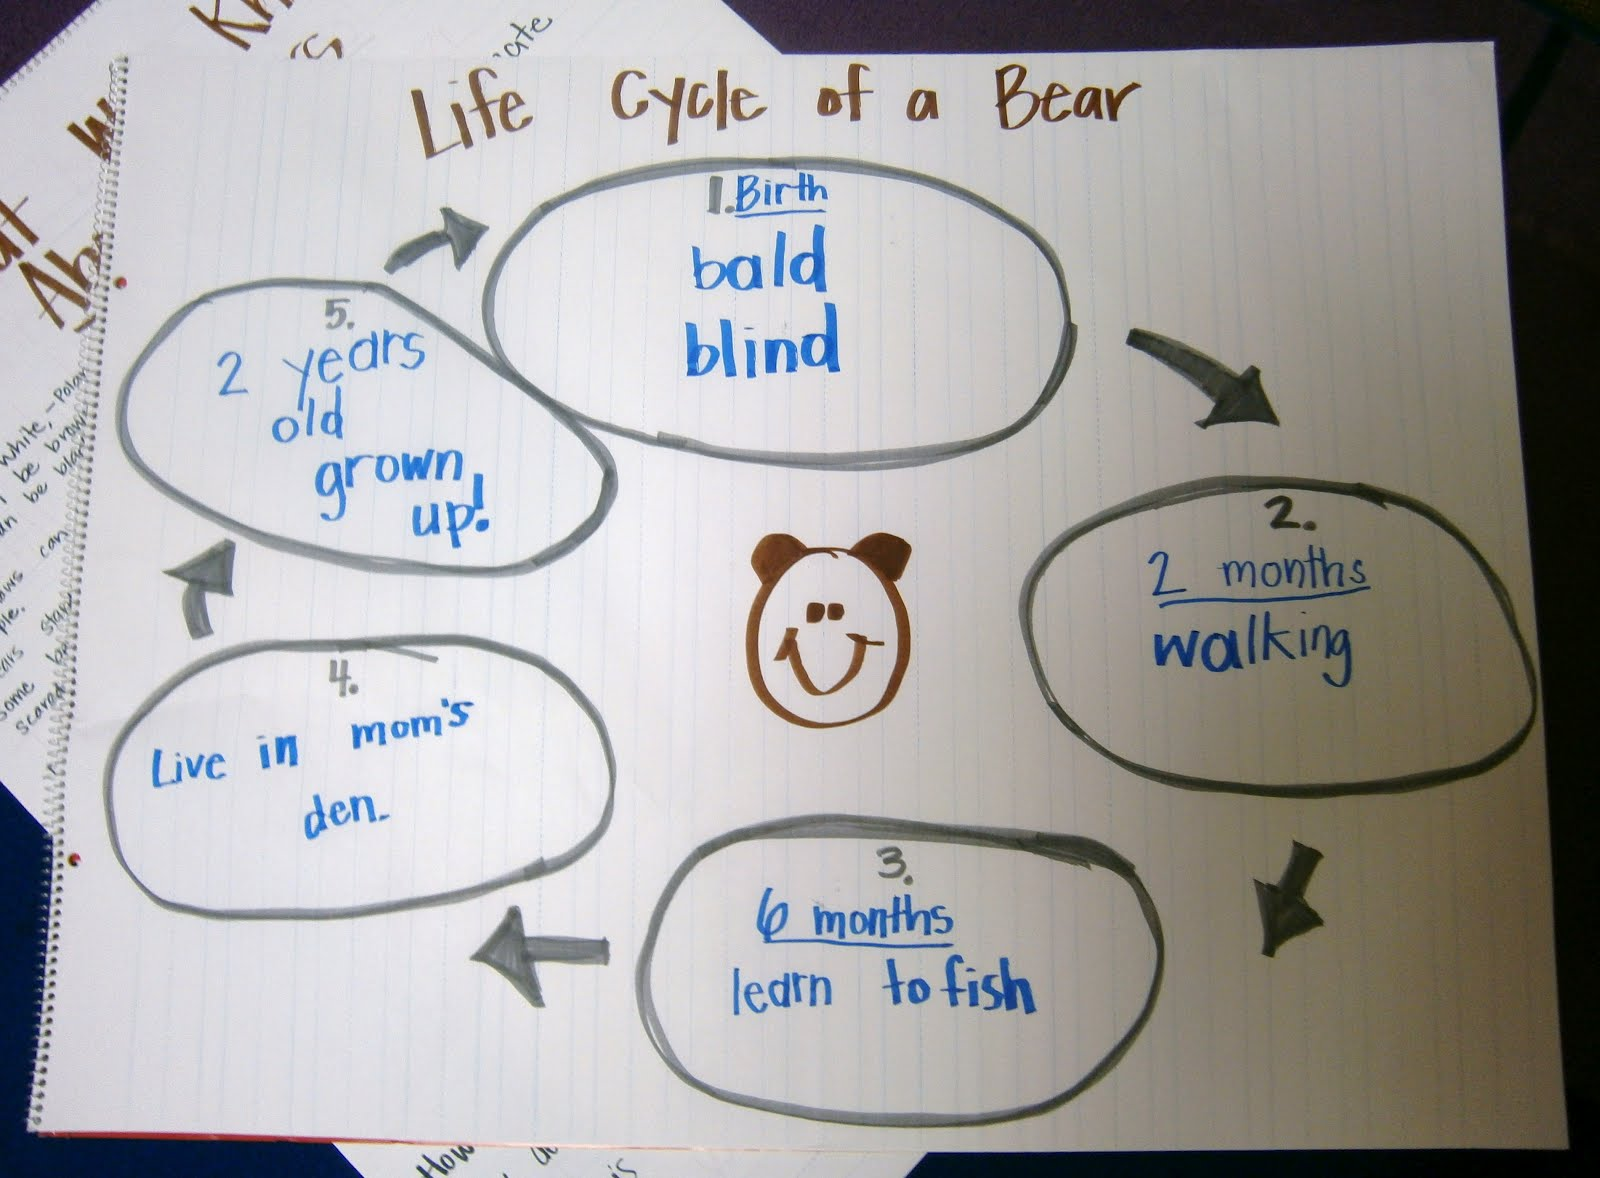 brown bear diagram chrysler wiring m2 14 bk yl life cycle